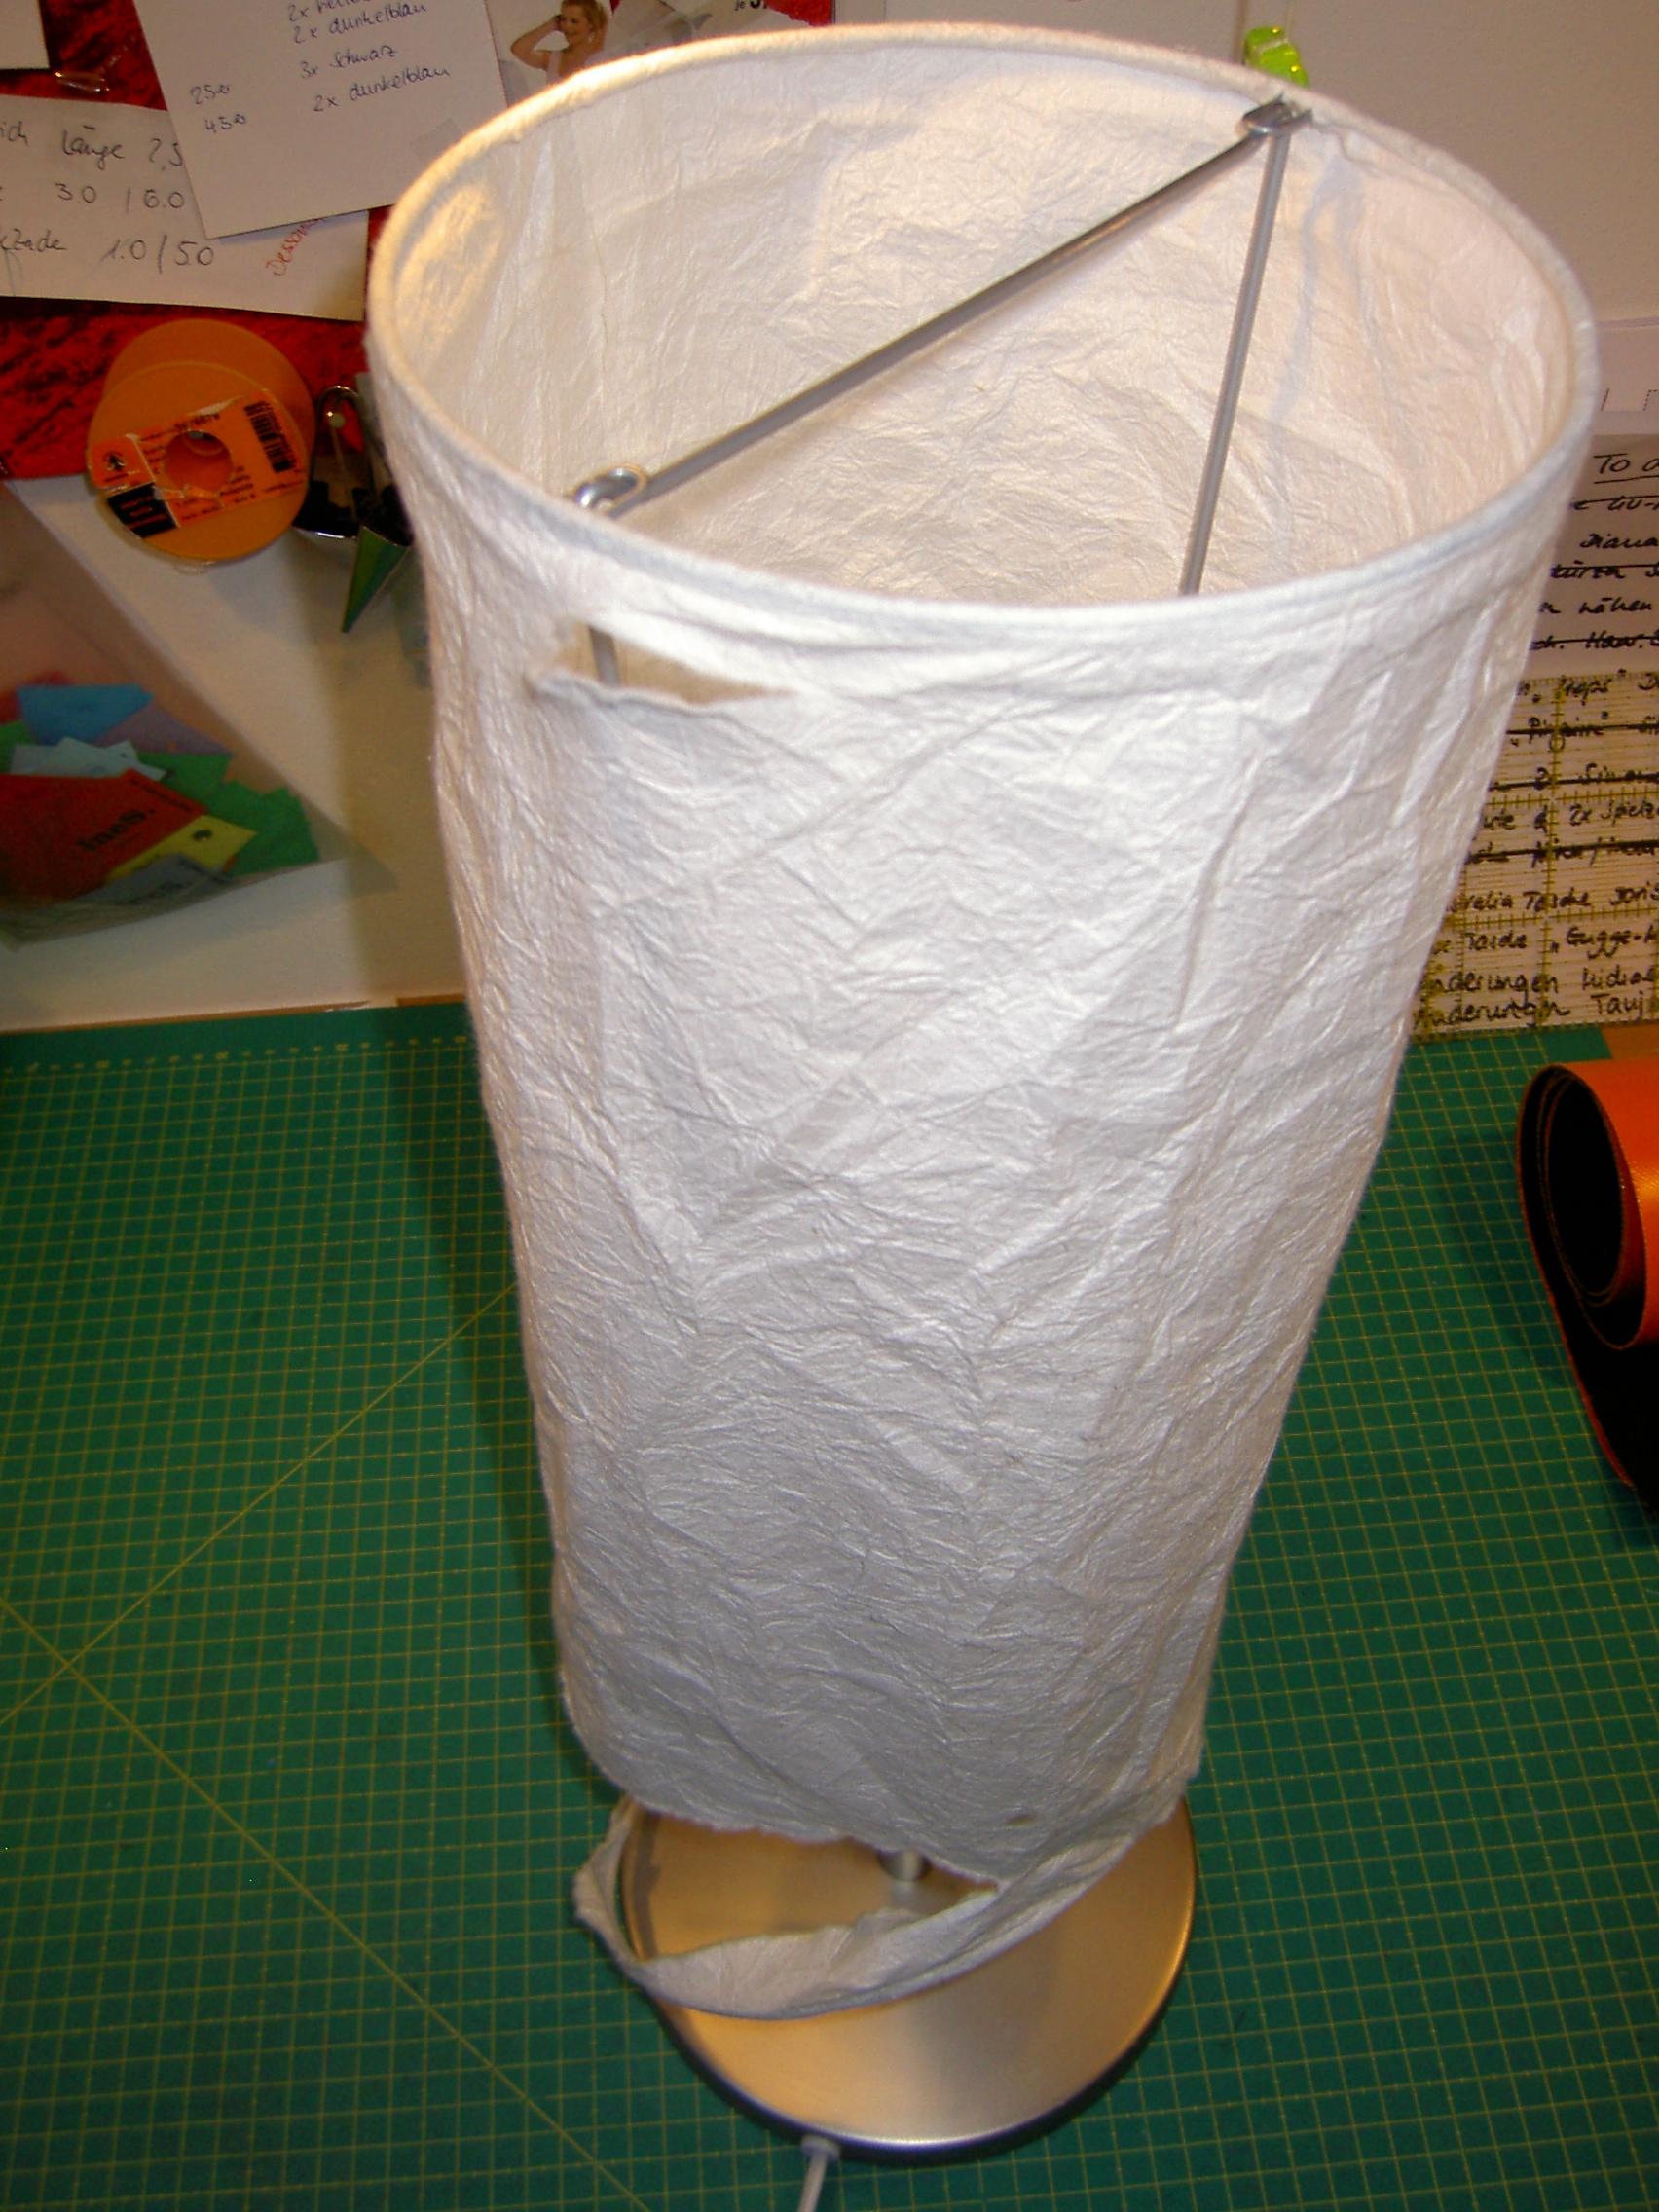 Full Size of Schirm Kaputt Macht Niines Handmade Ikea Küche Kosten Modulküche Betten 160x200 Sofa Mit Schlaffunktion Kaufen Miniküche Bei Stehlampen Wohnzimmer Wohnzimmer Ikea Stehlampen